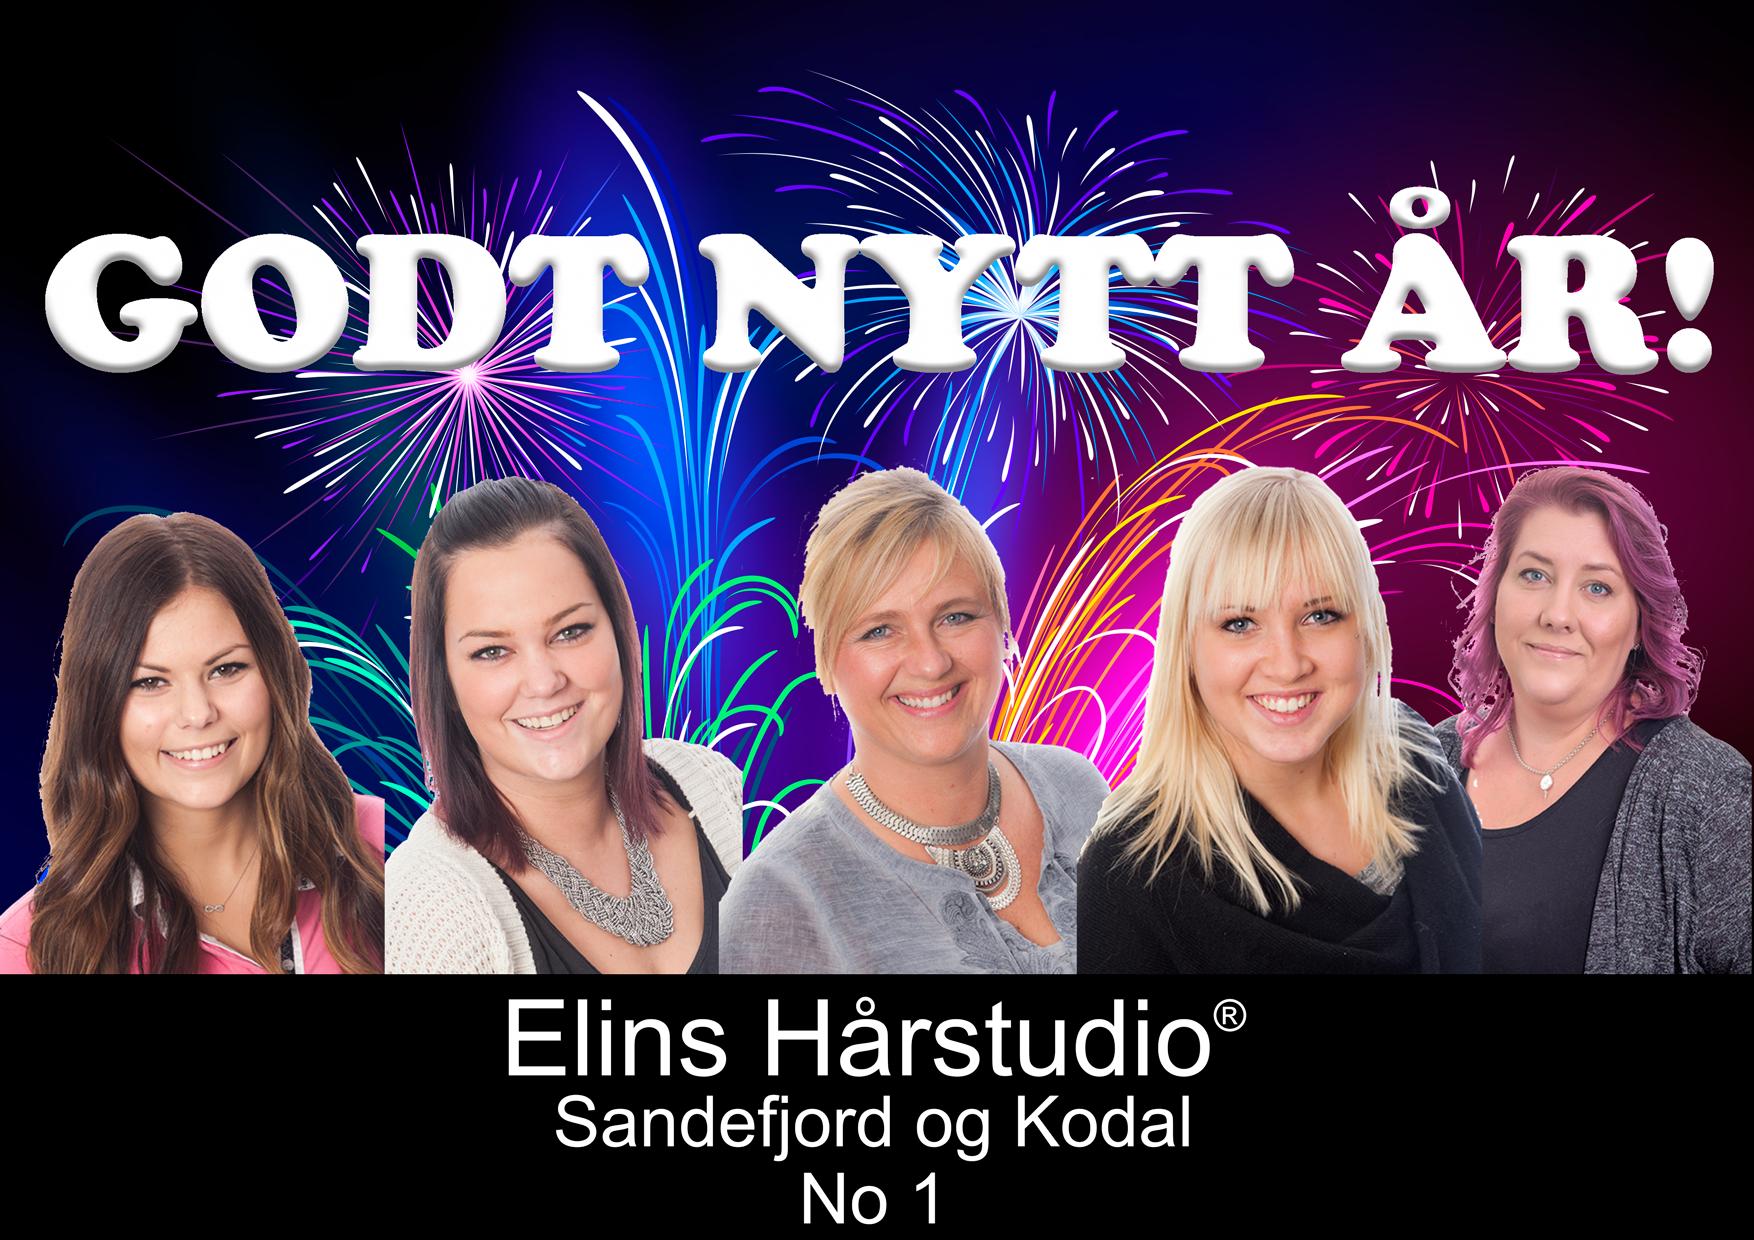 VI ØNSKER ALLE ET GODT NYTT ÅR 2016